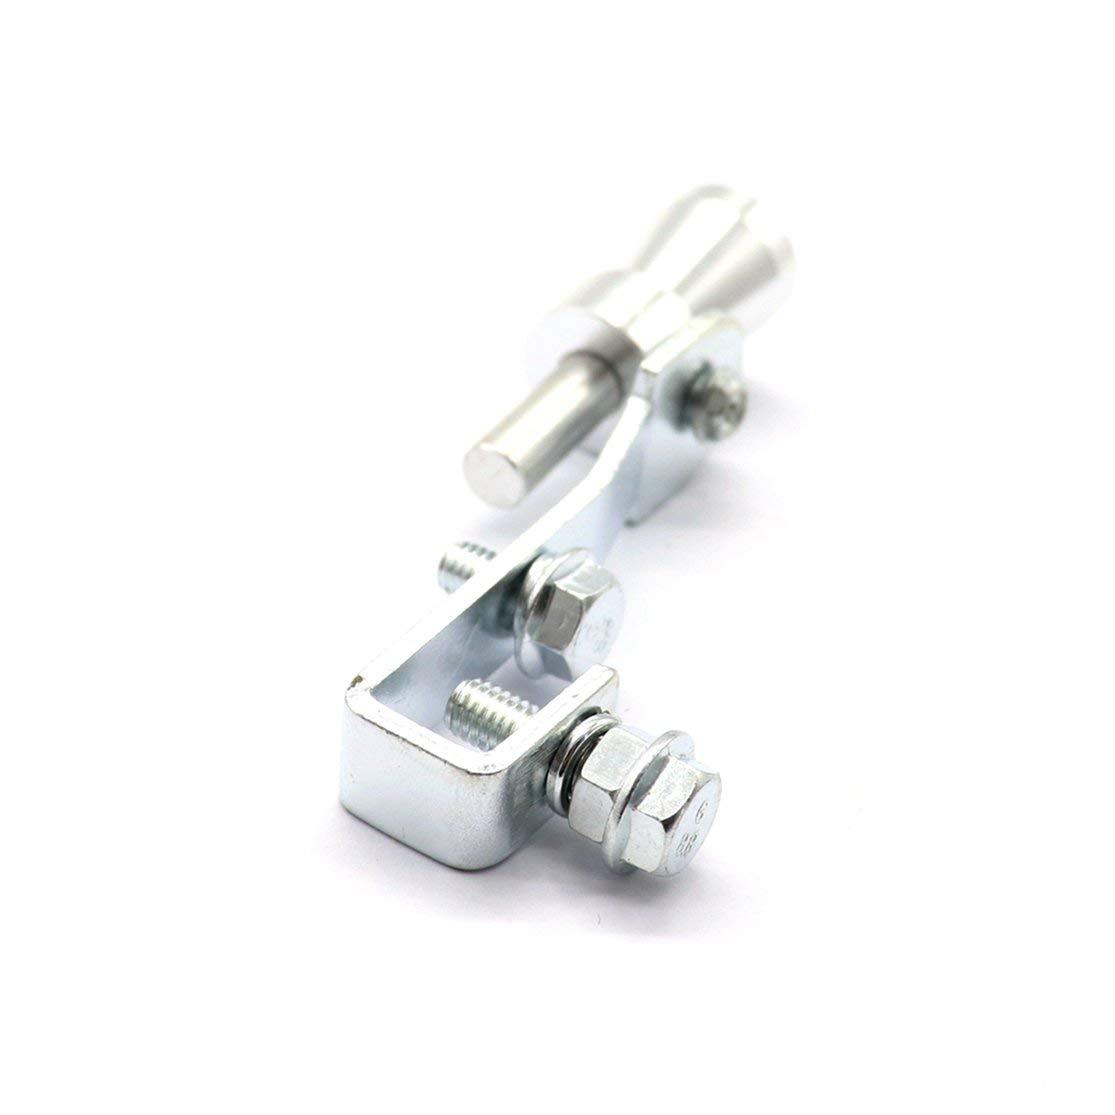 LouiseEvel215 Adaptateur Universel pour Voiture Turbo Whistle Silver pour Tous Les mod/èles de v/éhicules Accessoires pour Voiture